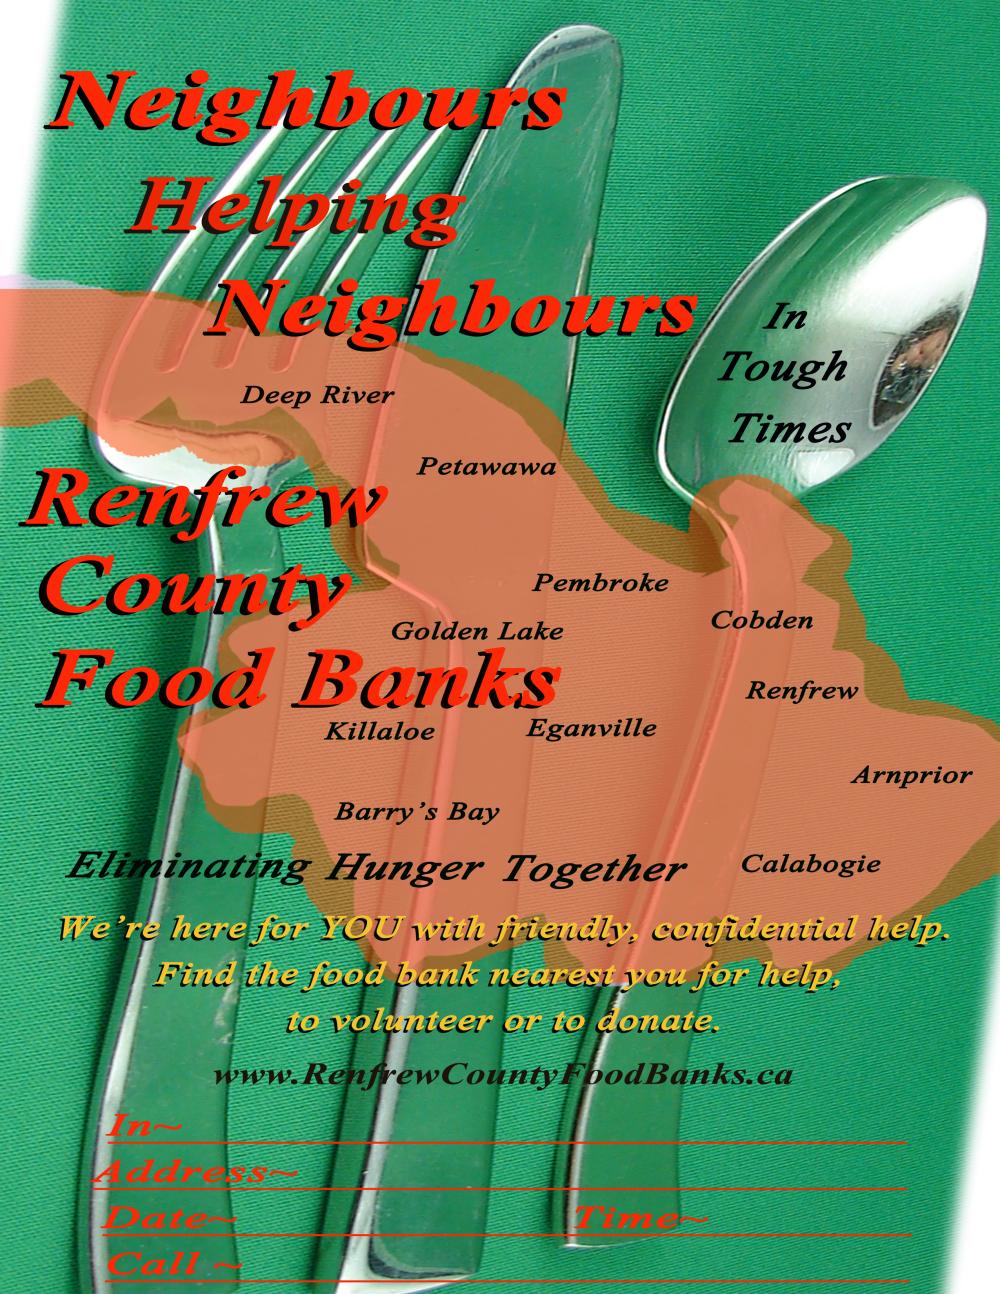 Renfrew County Food Banks